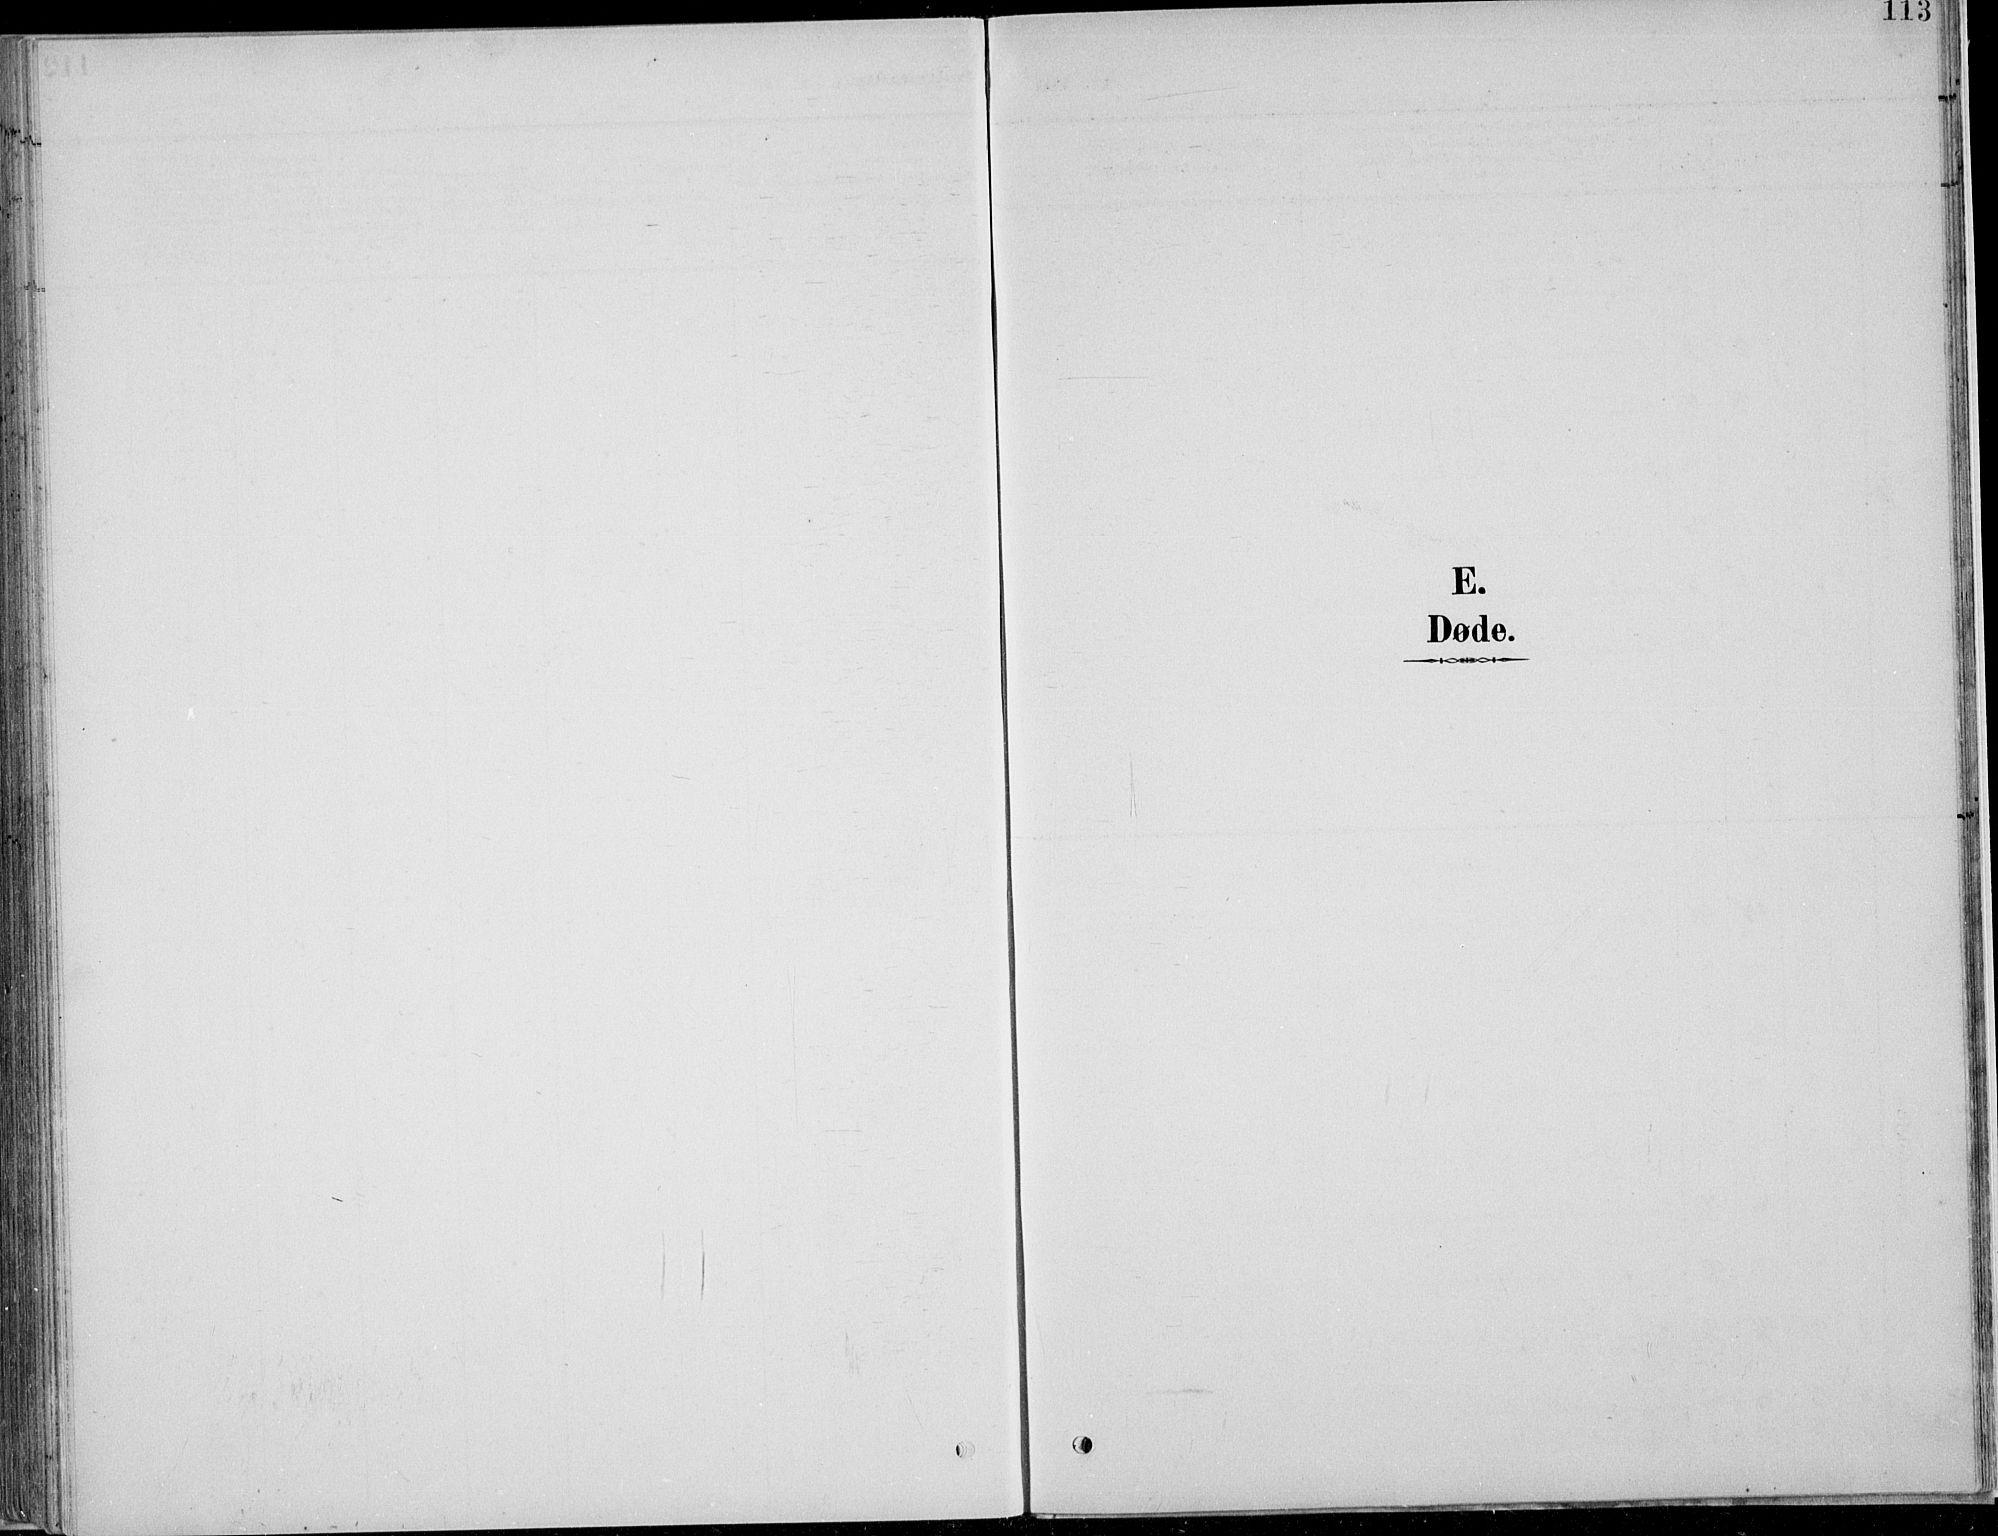 SAH, Nordre Land prestekontor, Klokkerbok nr. 13, 1891-1904, s. 113